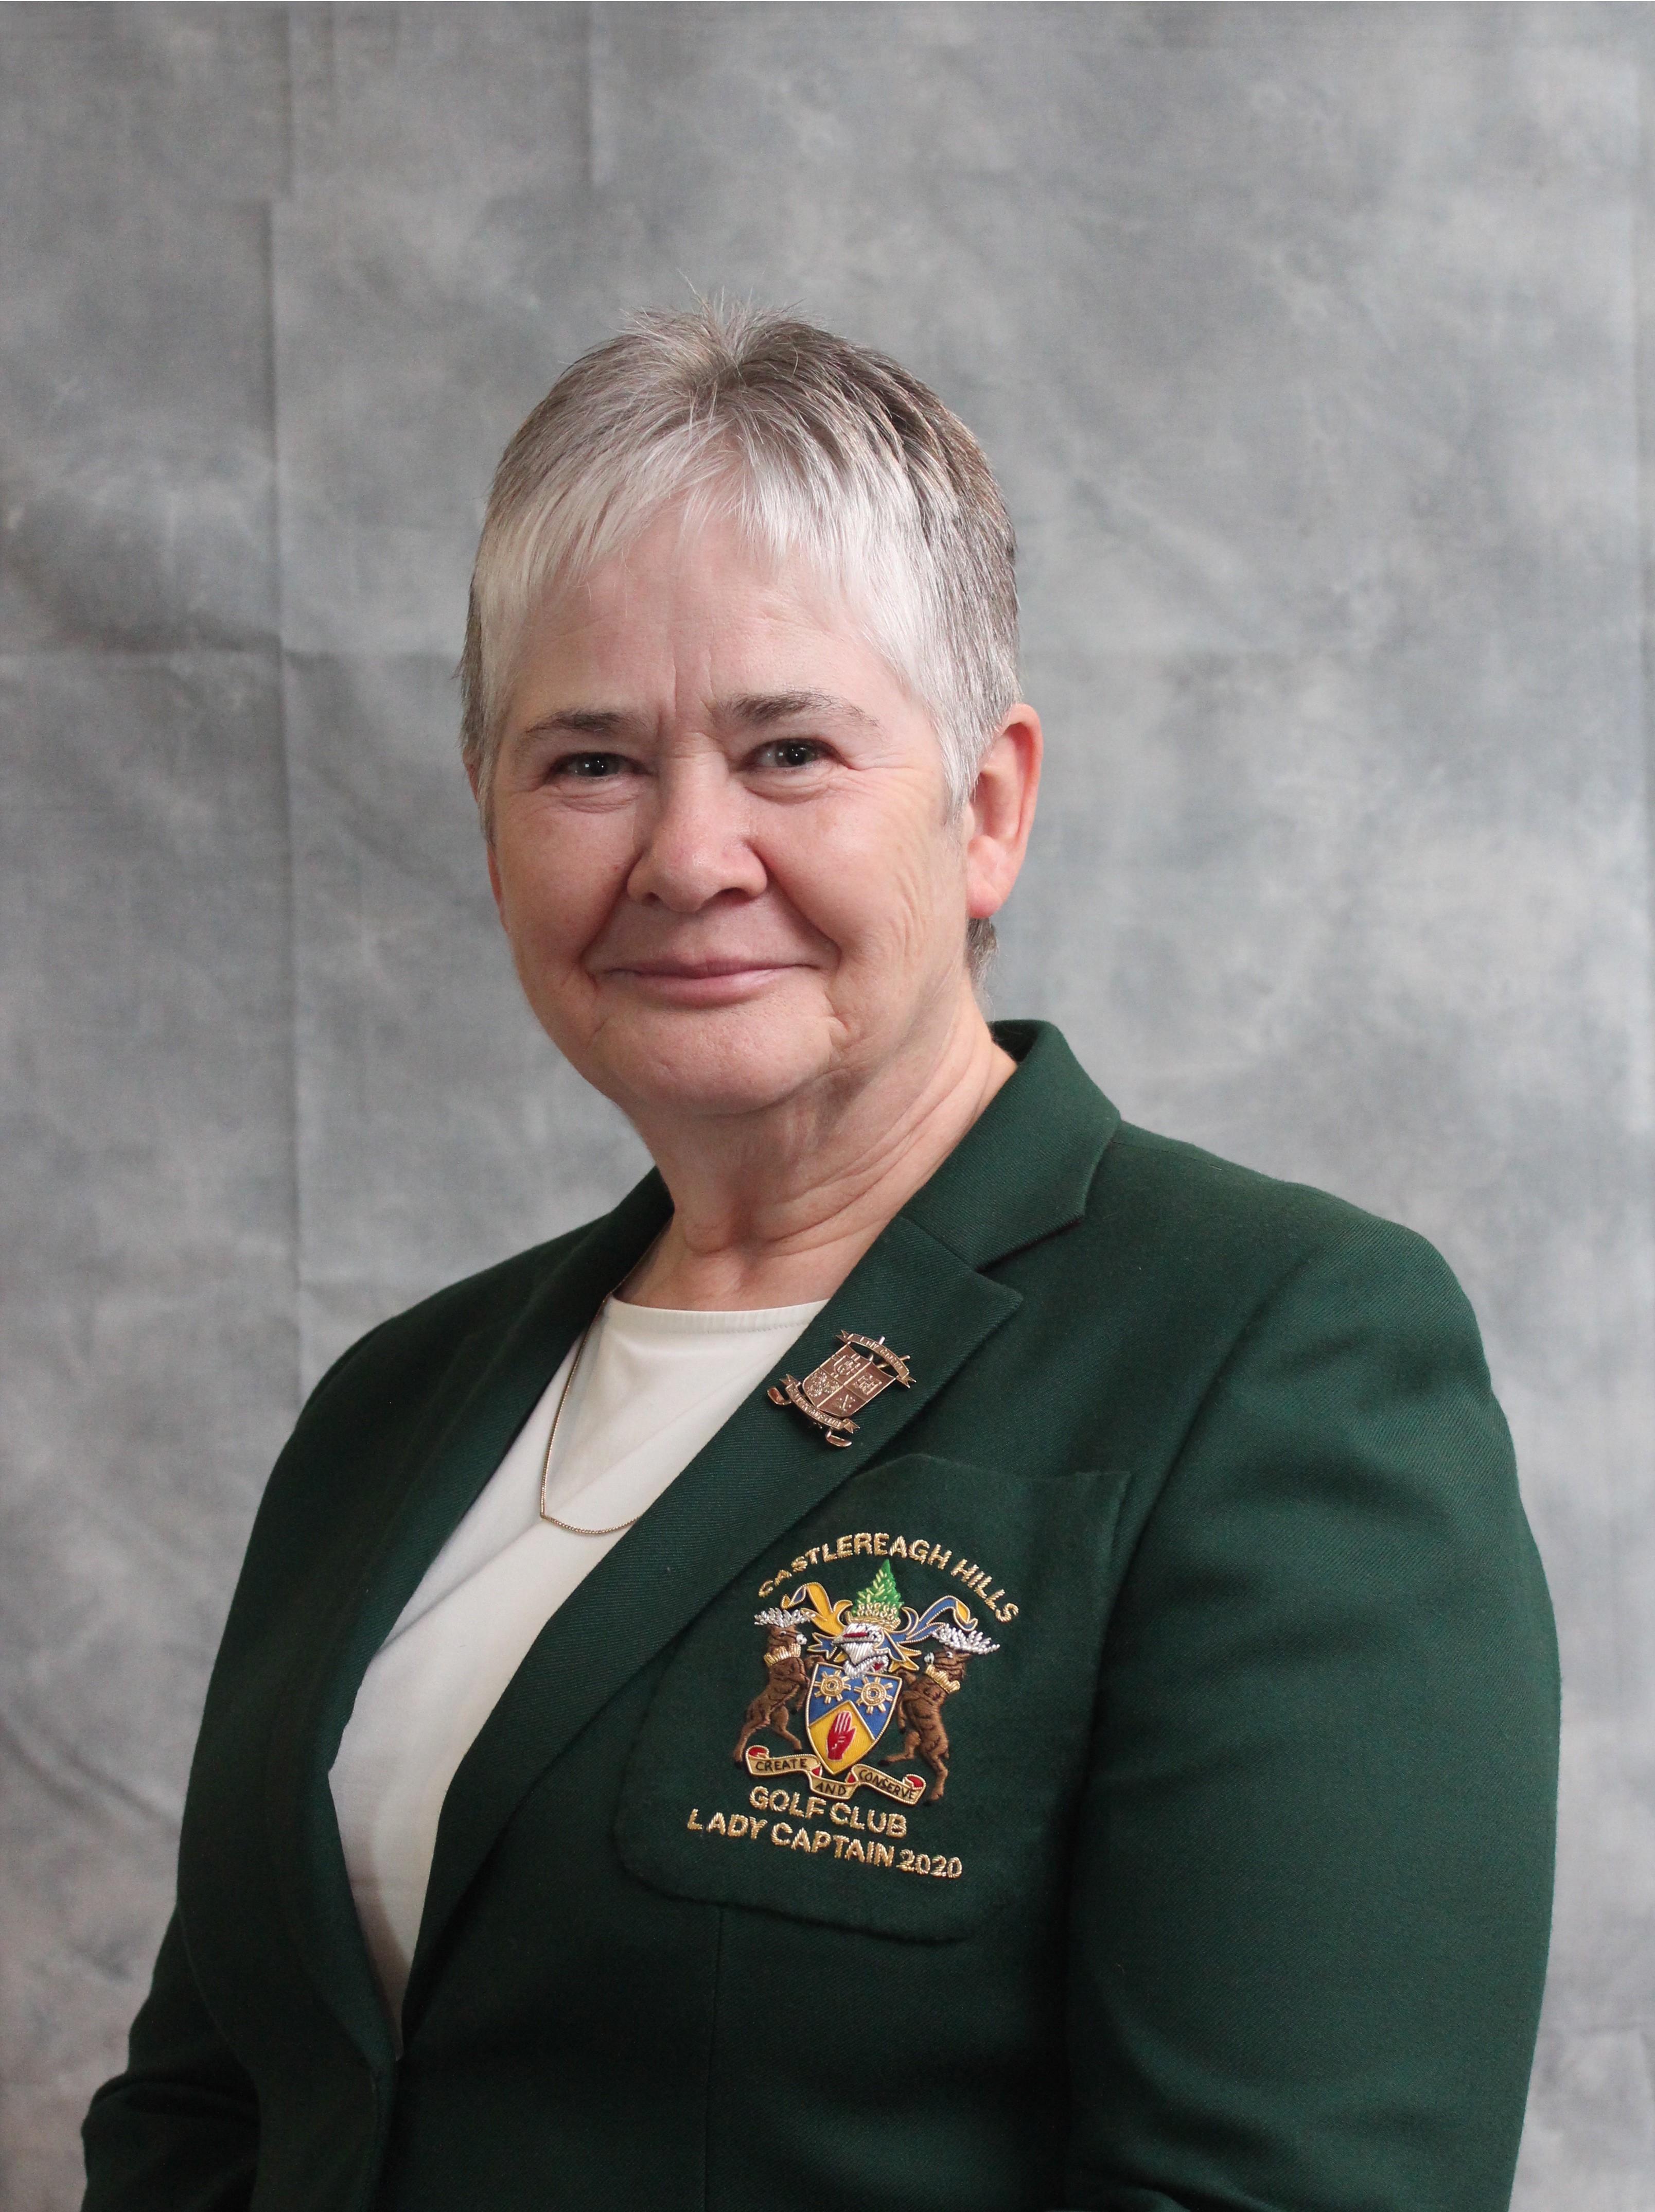 Castlereagh Hills Golf Club Lady Captain - Geraldine Haire